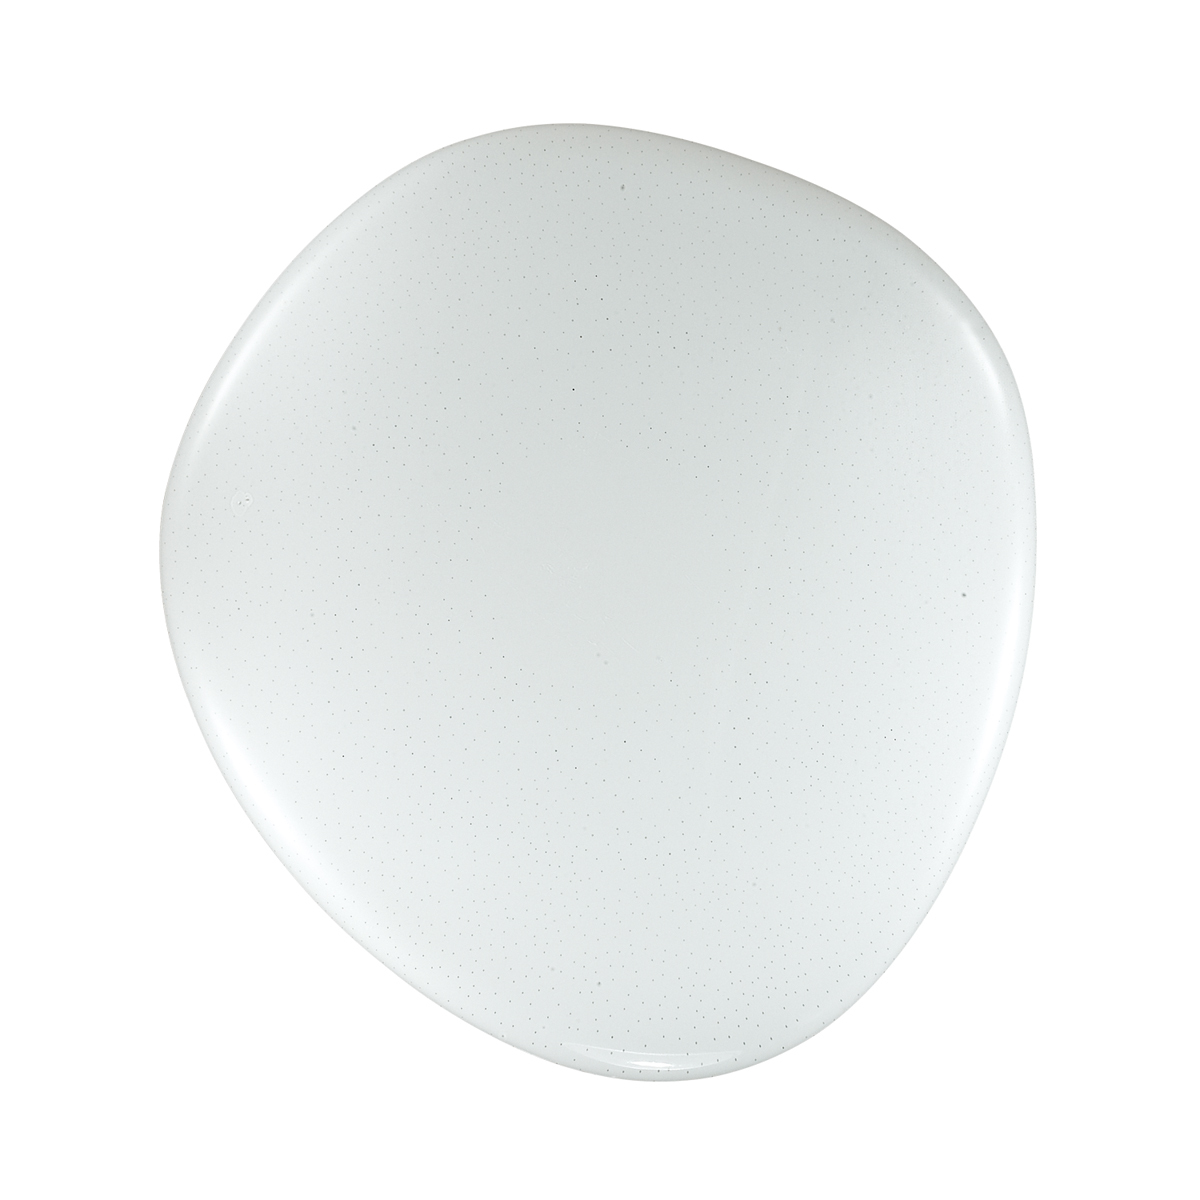 Потолочный светодиодный светильник Sonex Stone 2039/EL, IP43, LED 72W 3000-6000K 5000lm, белый, металл, пластик - фото 2